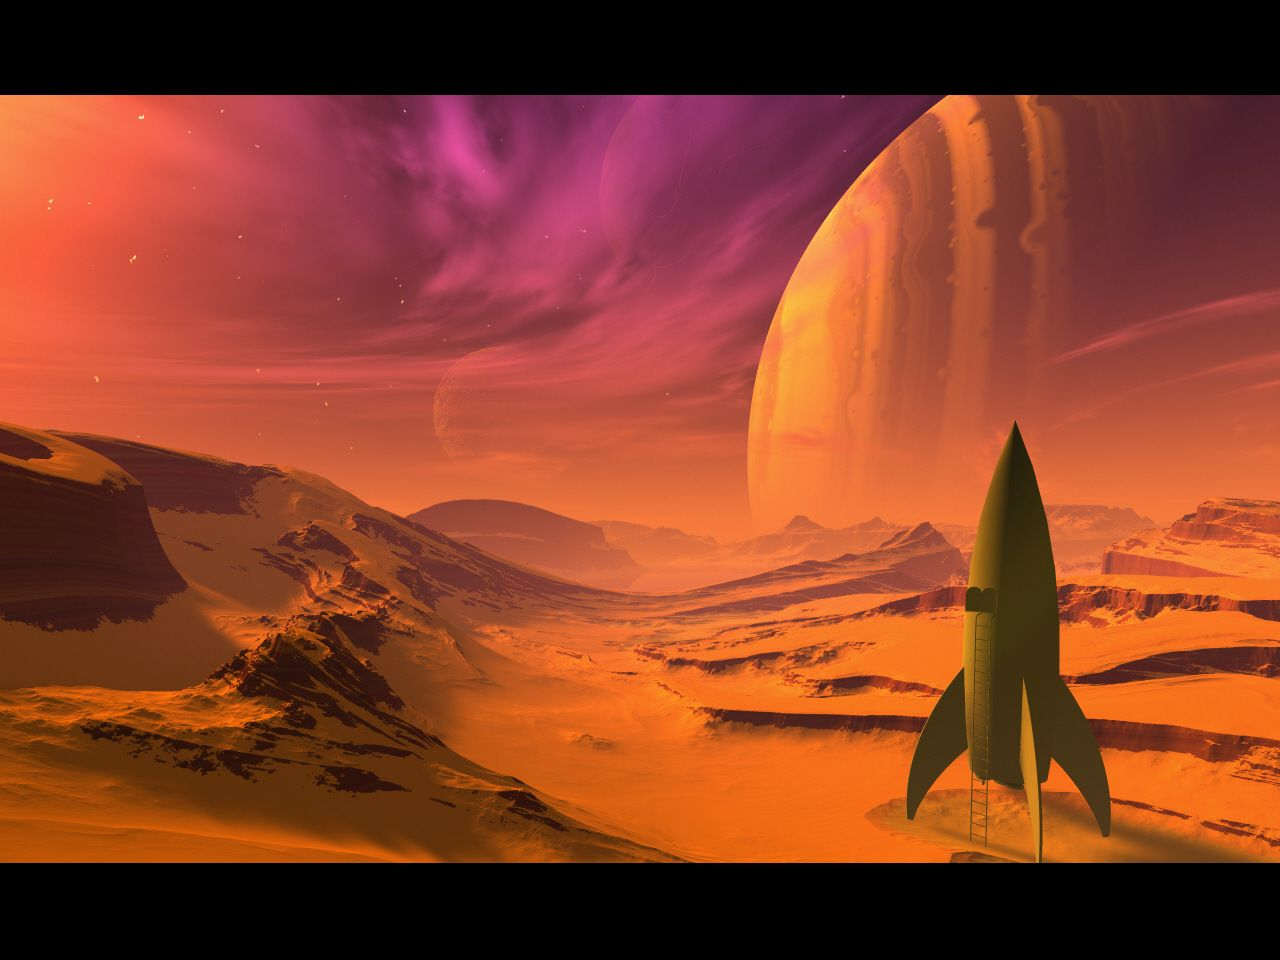 1280x960 Sci Fi Landscape HD Wallpaper Of